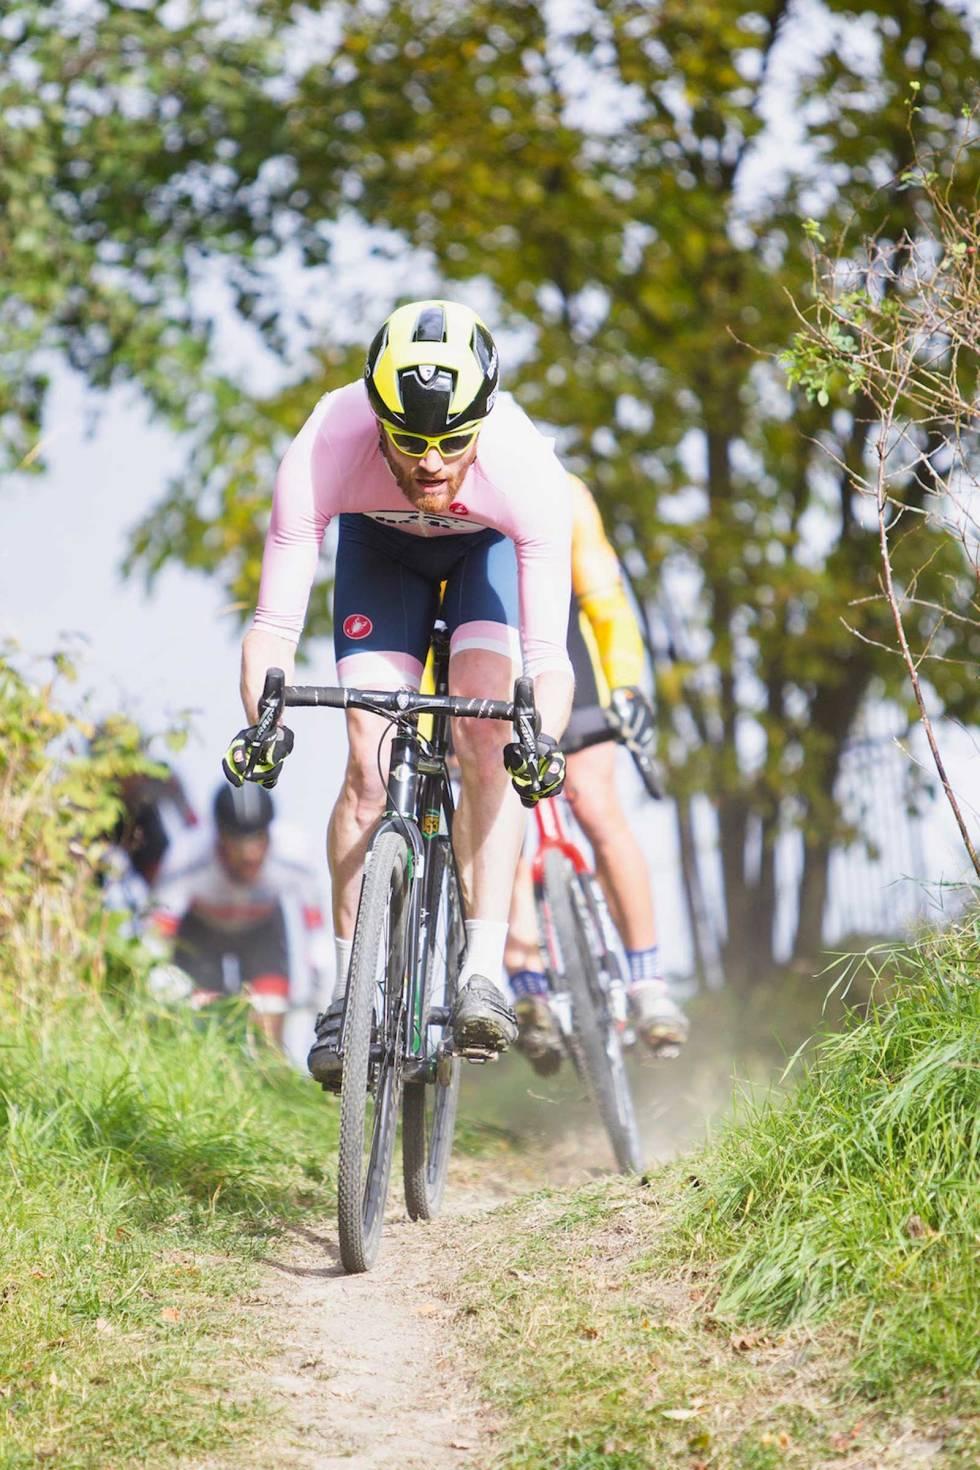 Kross is boss: Lars Blesvik unngår bremsing i Tryvannskross. Sykkelkrossykler brukes nå nærmest utelukkende i konkurranseformatet sykkelkross. Foto: Pål Westgaard.